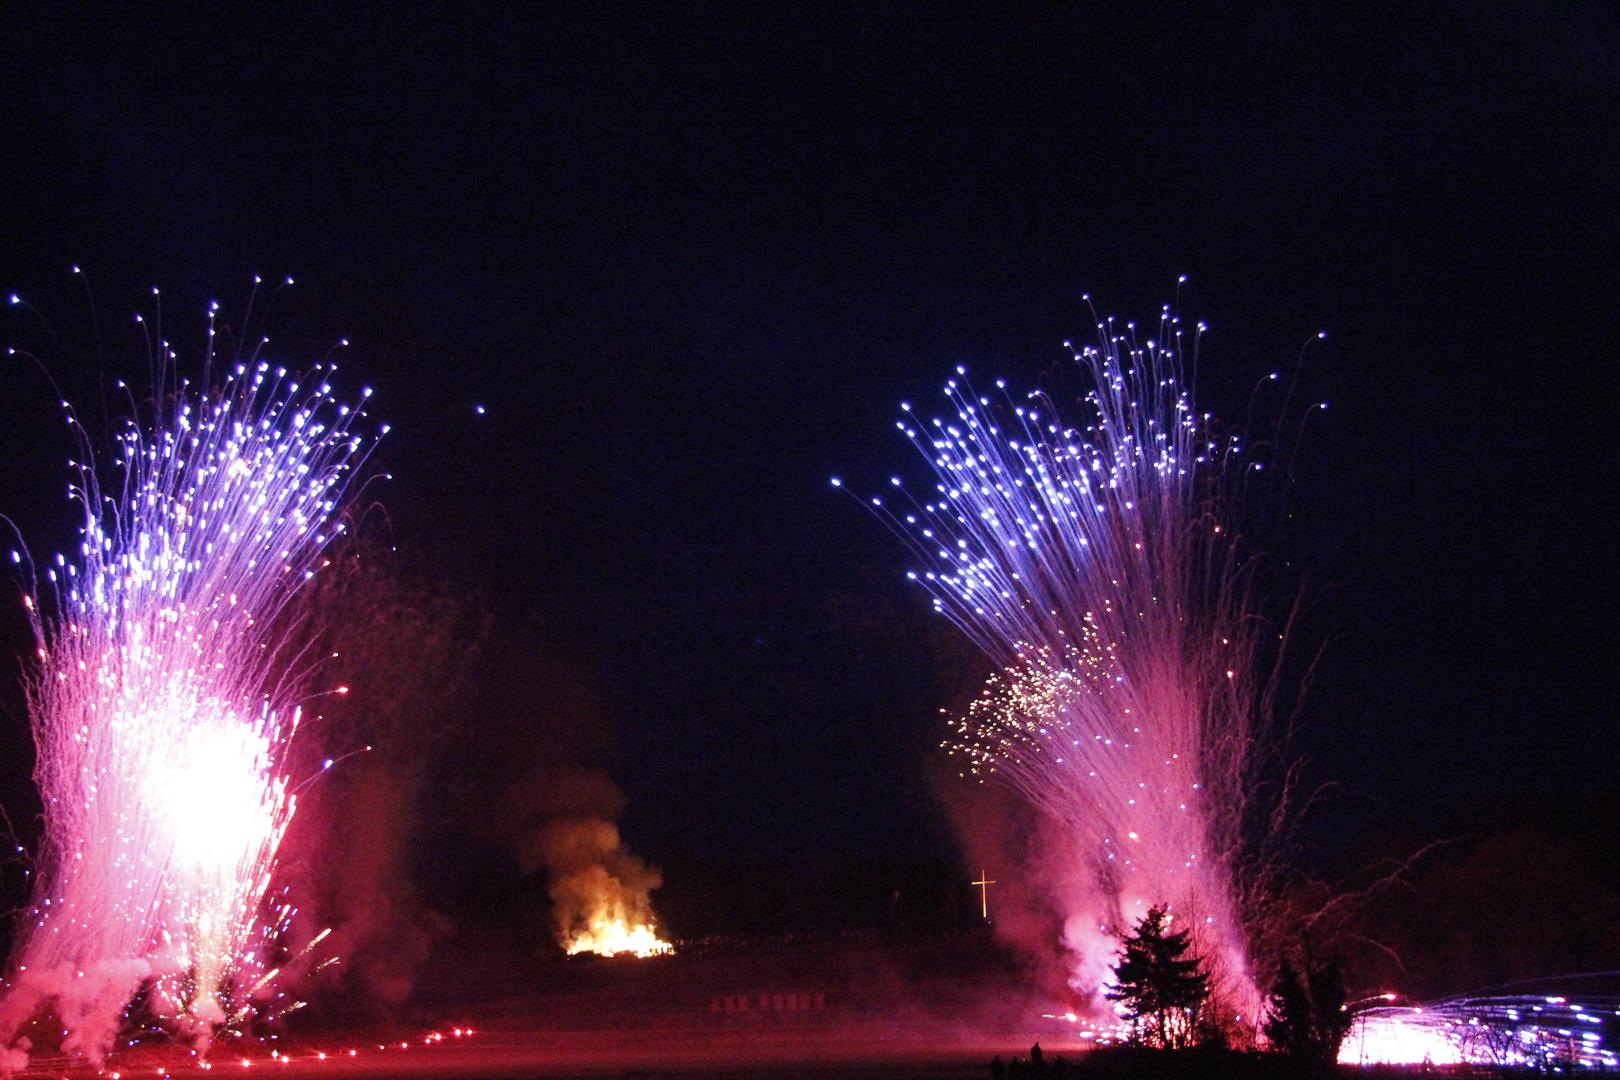 Feuerwerk Räderlauf in Lügde